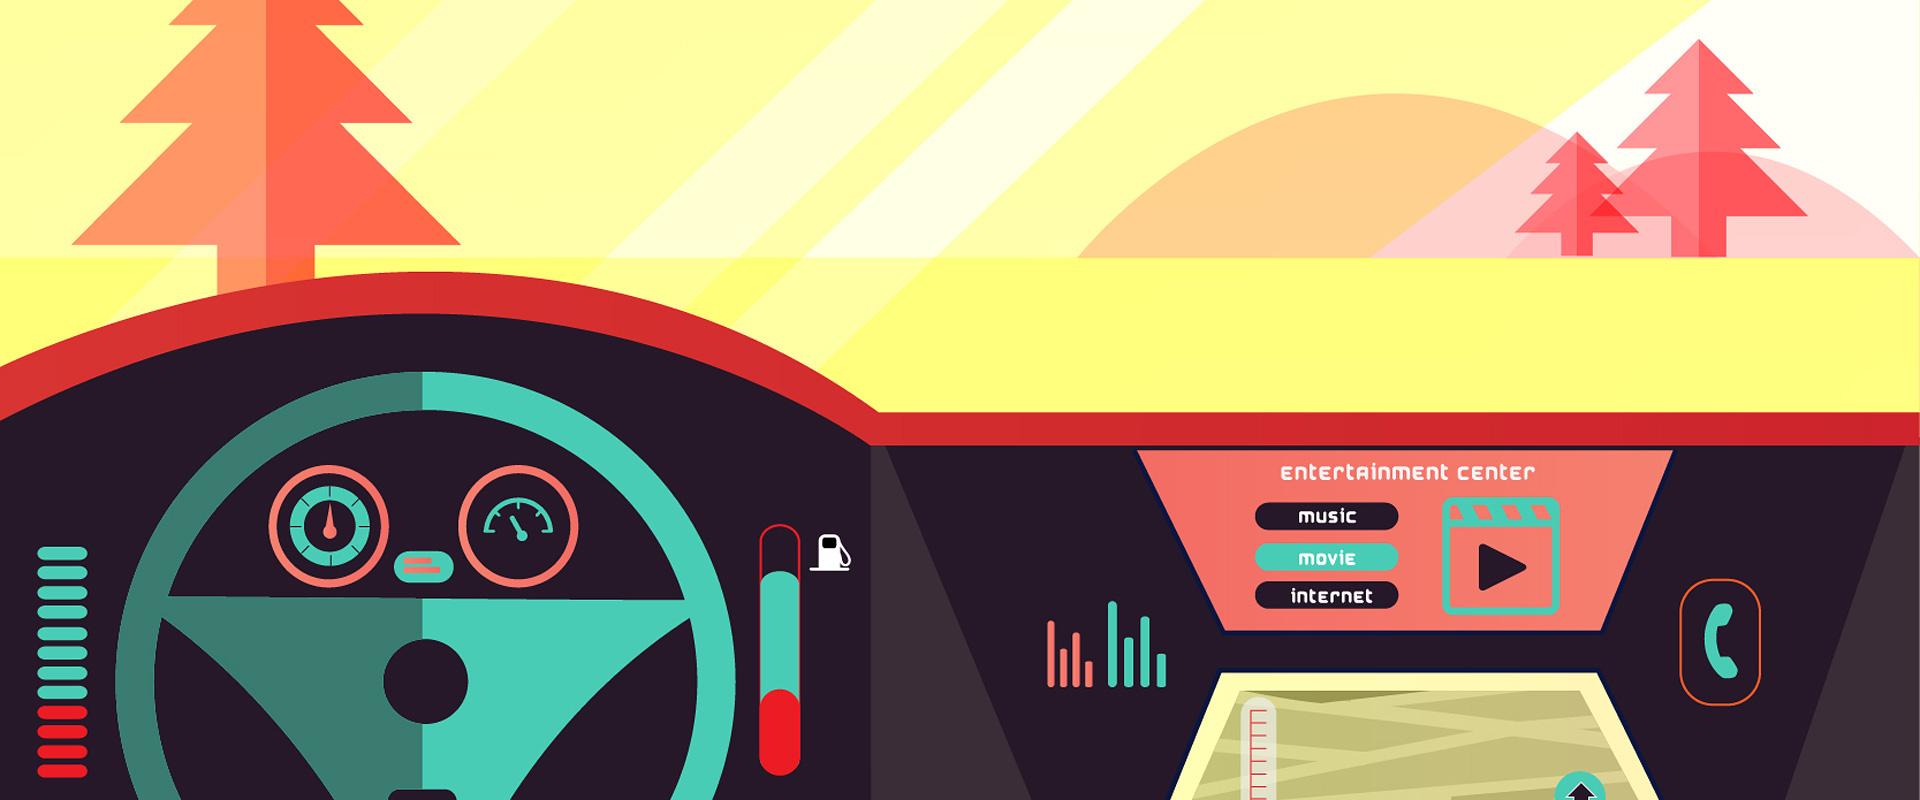 Женщины водят хуже мужчин – и другие неожиданные итоги автомобильных исследований. Фото 3